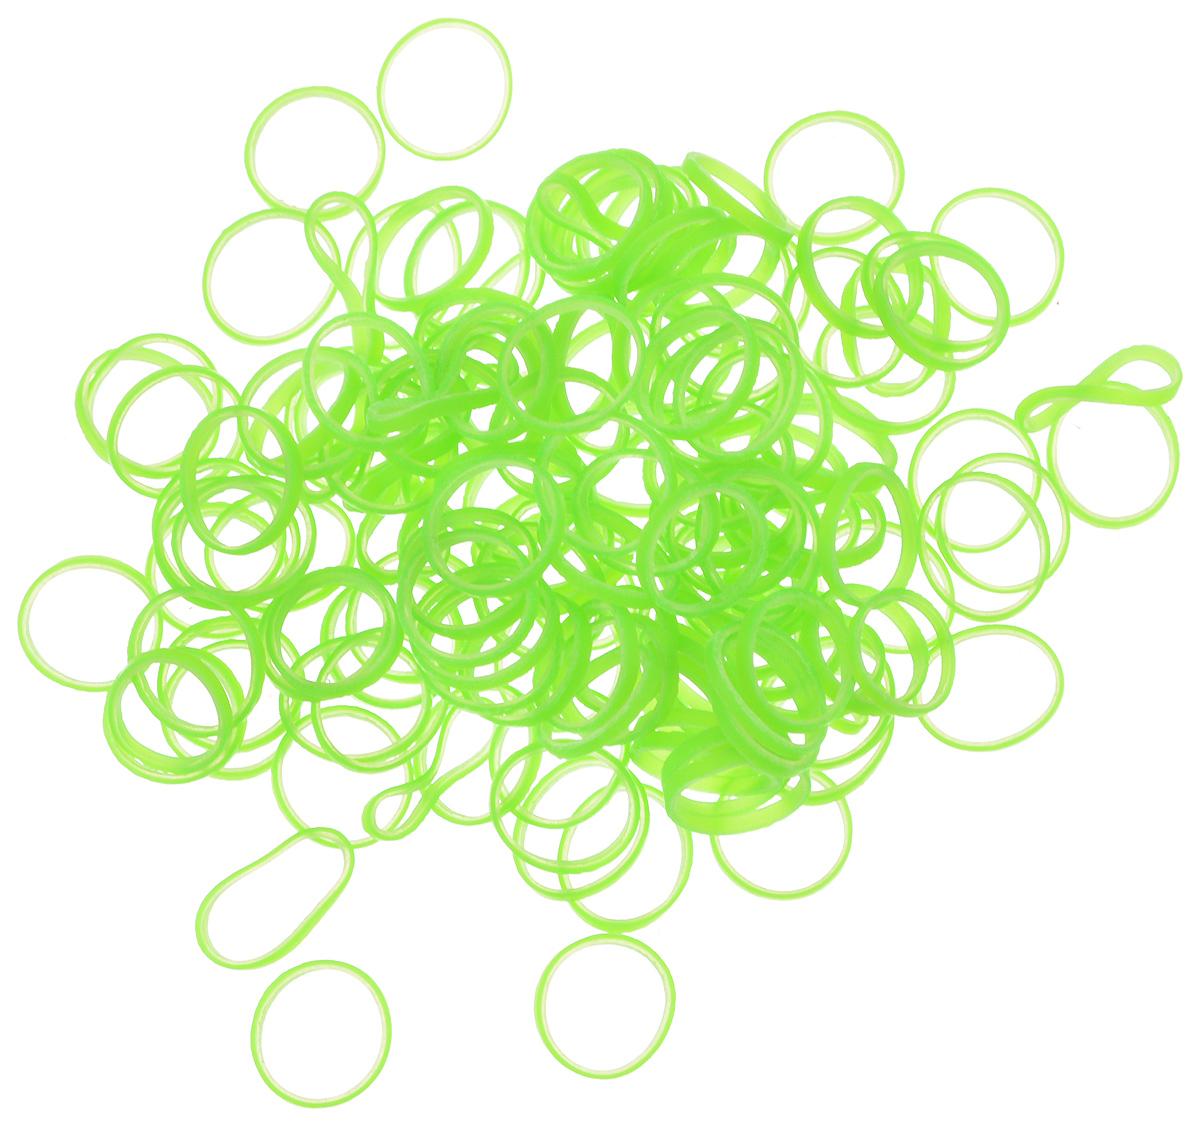 Резинки для собак Lainee, цвет: ярко-зеленый, размер L, 200 штLBLHGQРезинки для собак Lainee изготовлены из 100% латекса. Резинки используются для формирования топ-кнотов у собак с особо густой плотностью шерсти. Резинки одноразовые, срезаются ножницами. Диаметр резинки: 1 см. Комплектация: 200 шт.